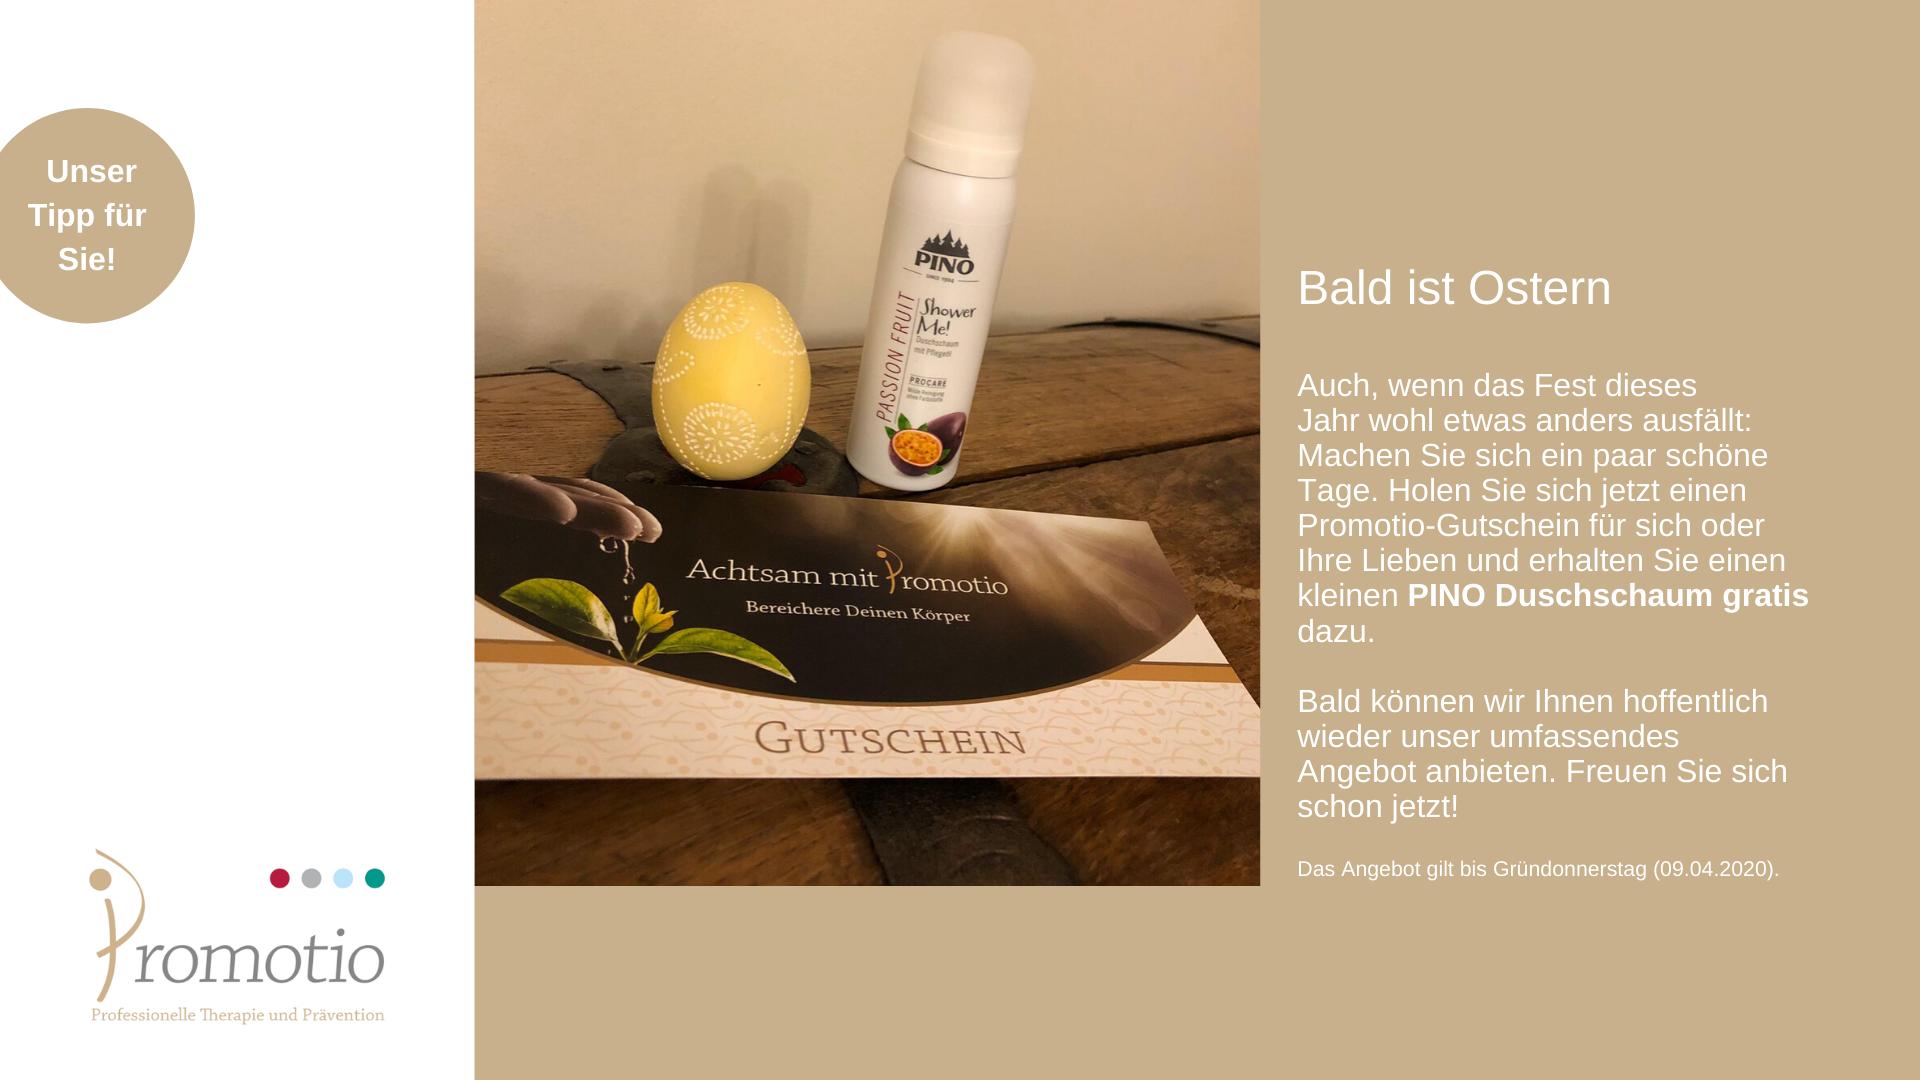 bs_promotio_gutschein ostern_042020